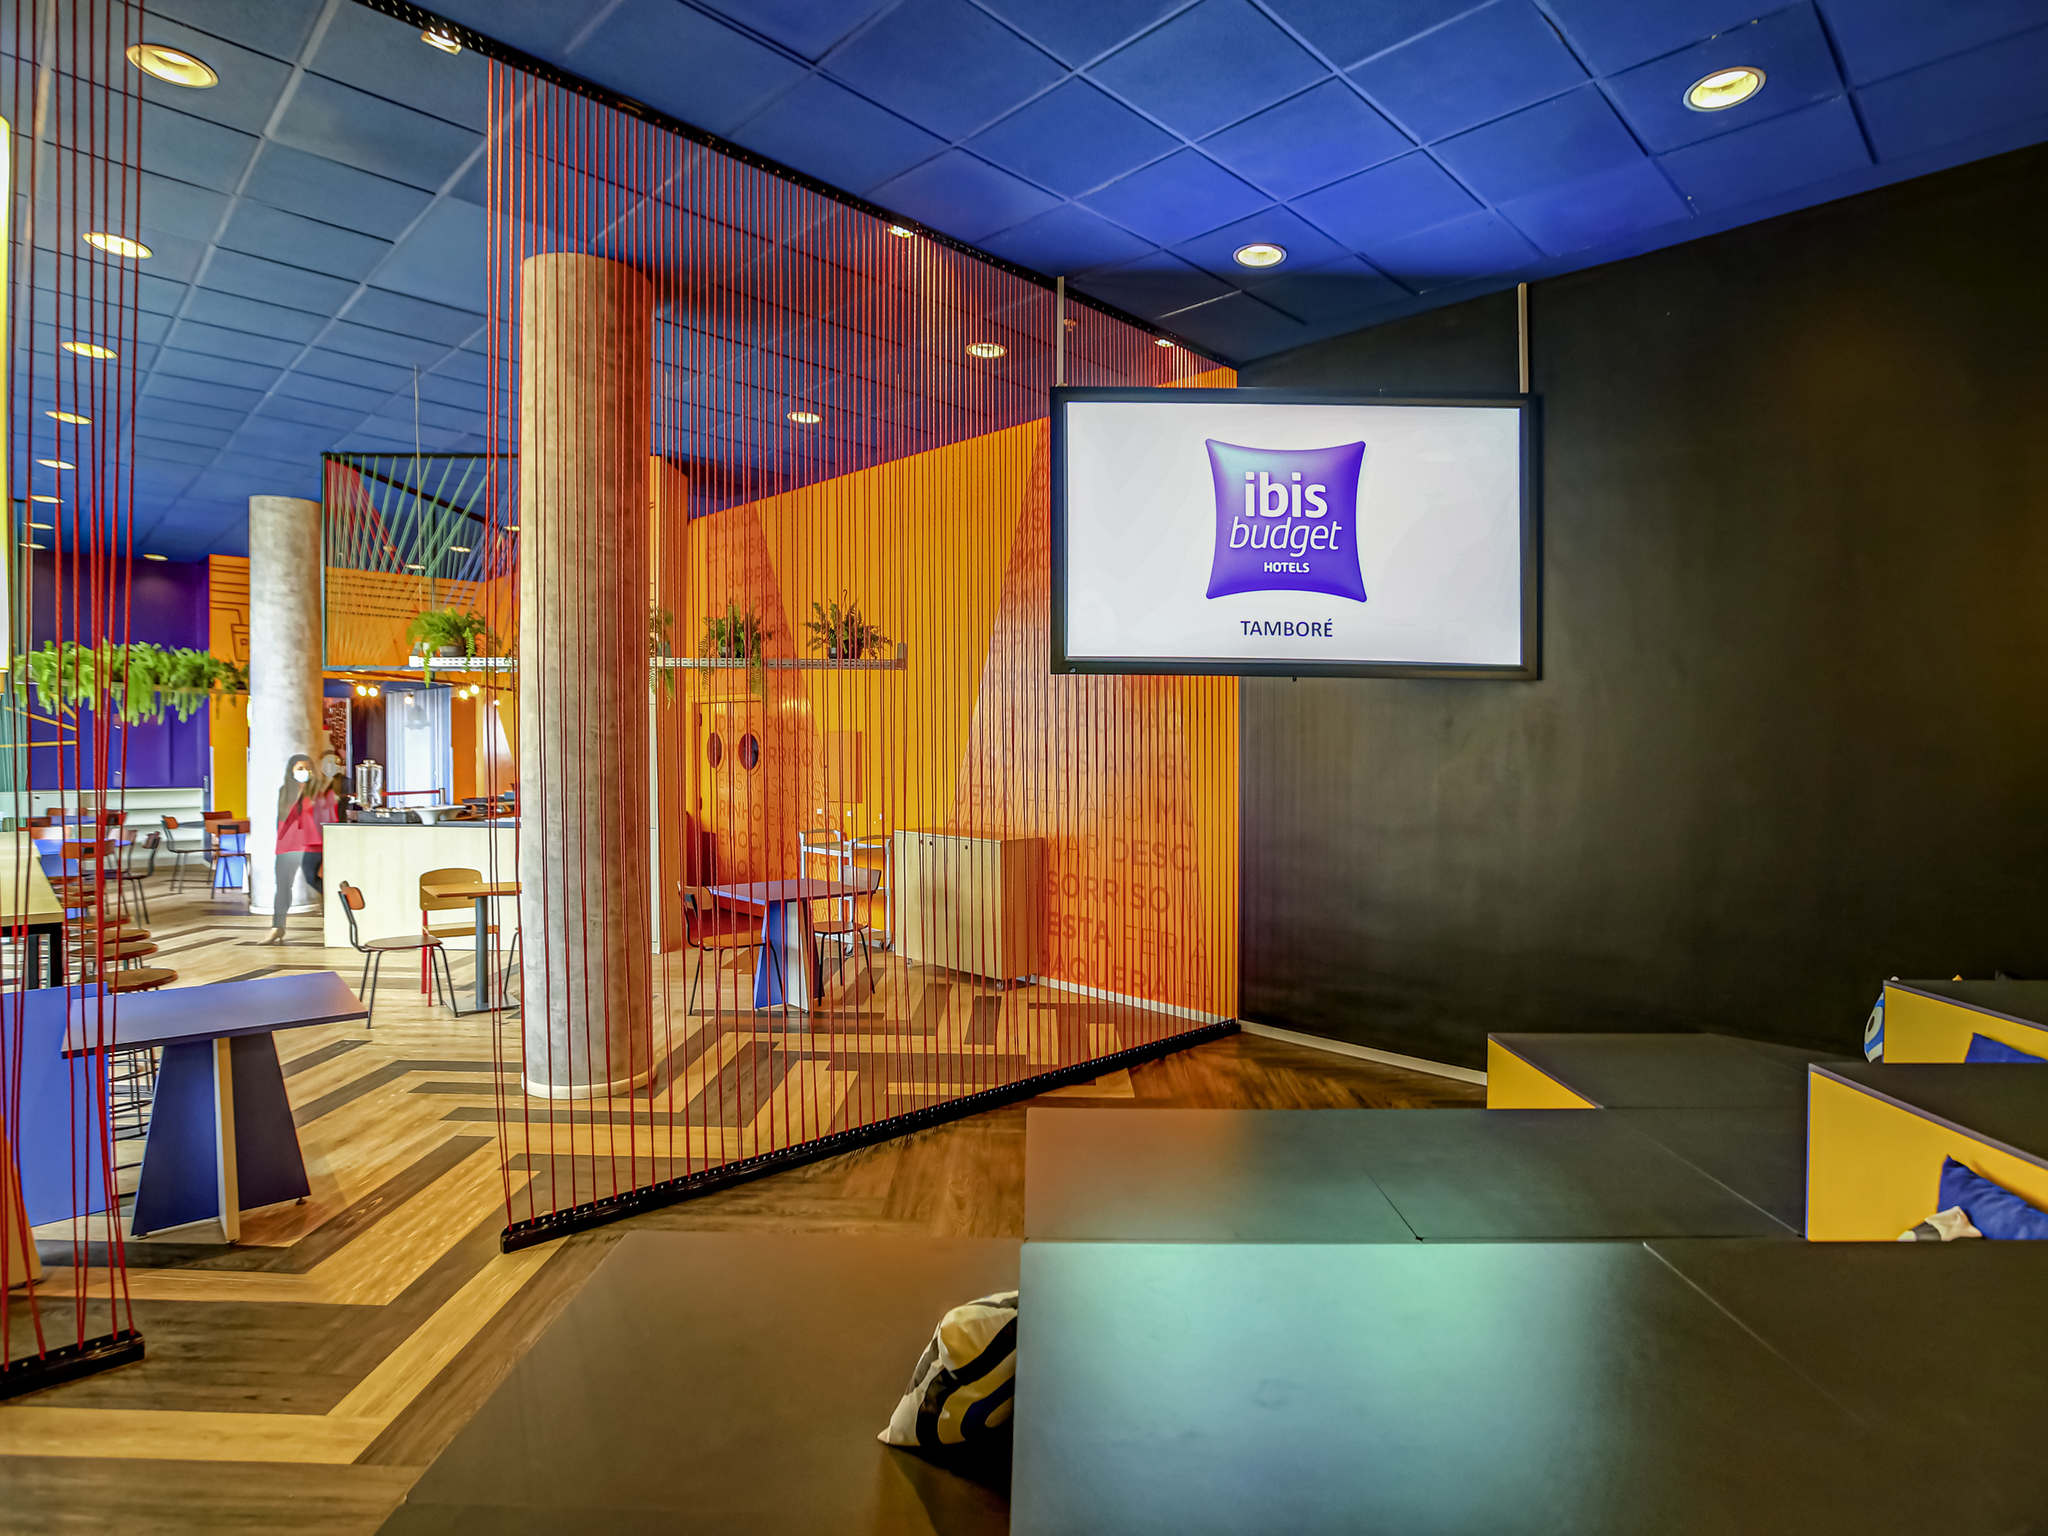 Hotel – ibis budget Tambore